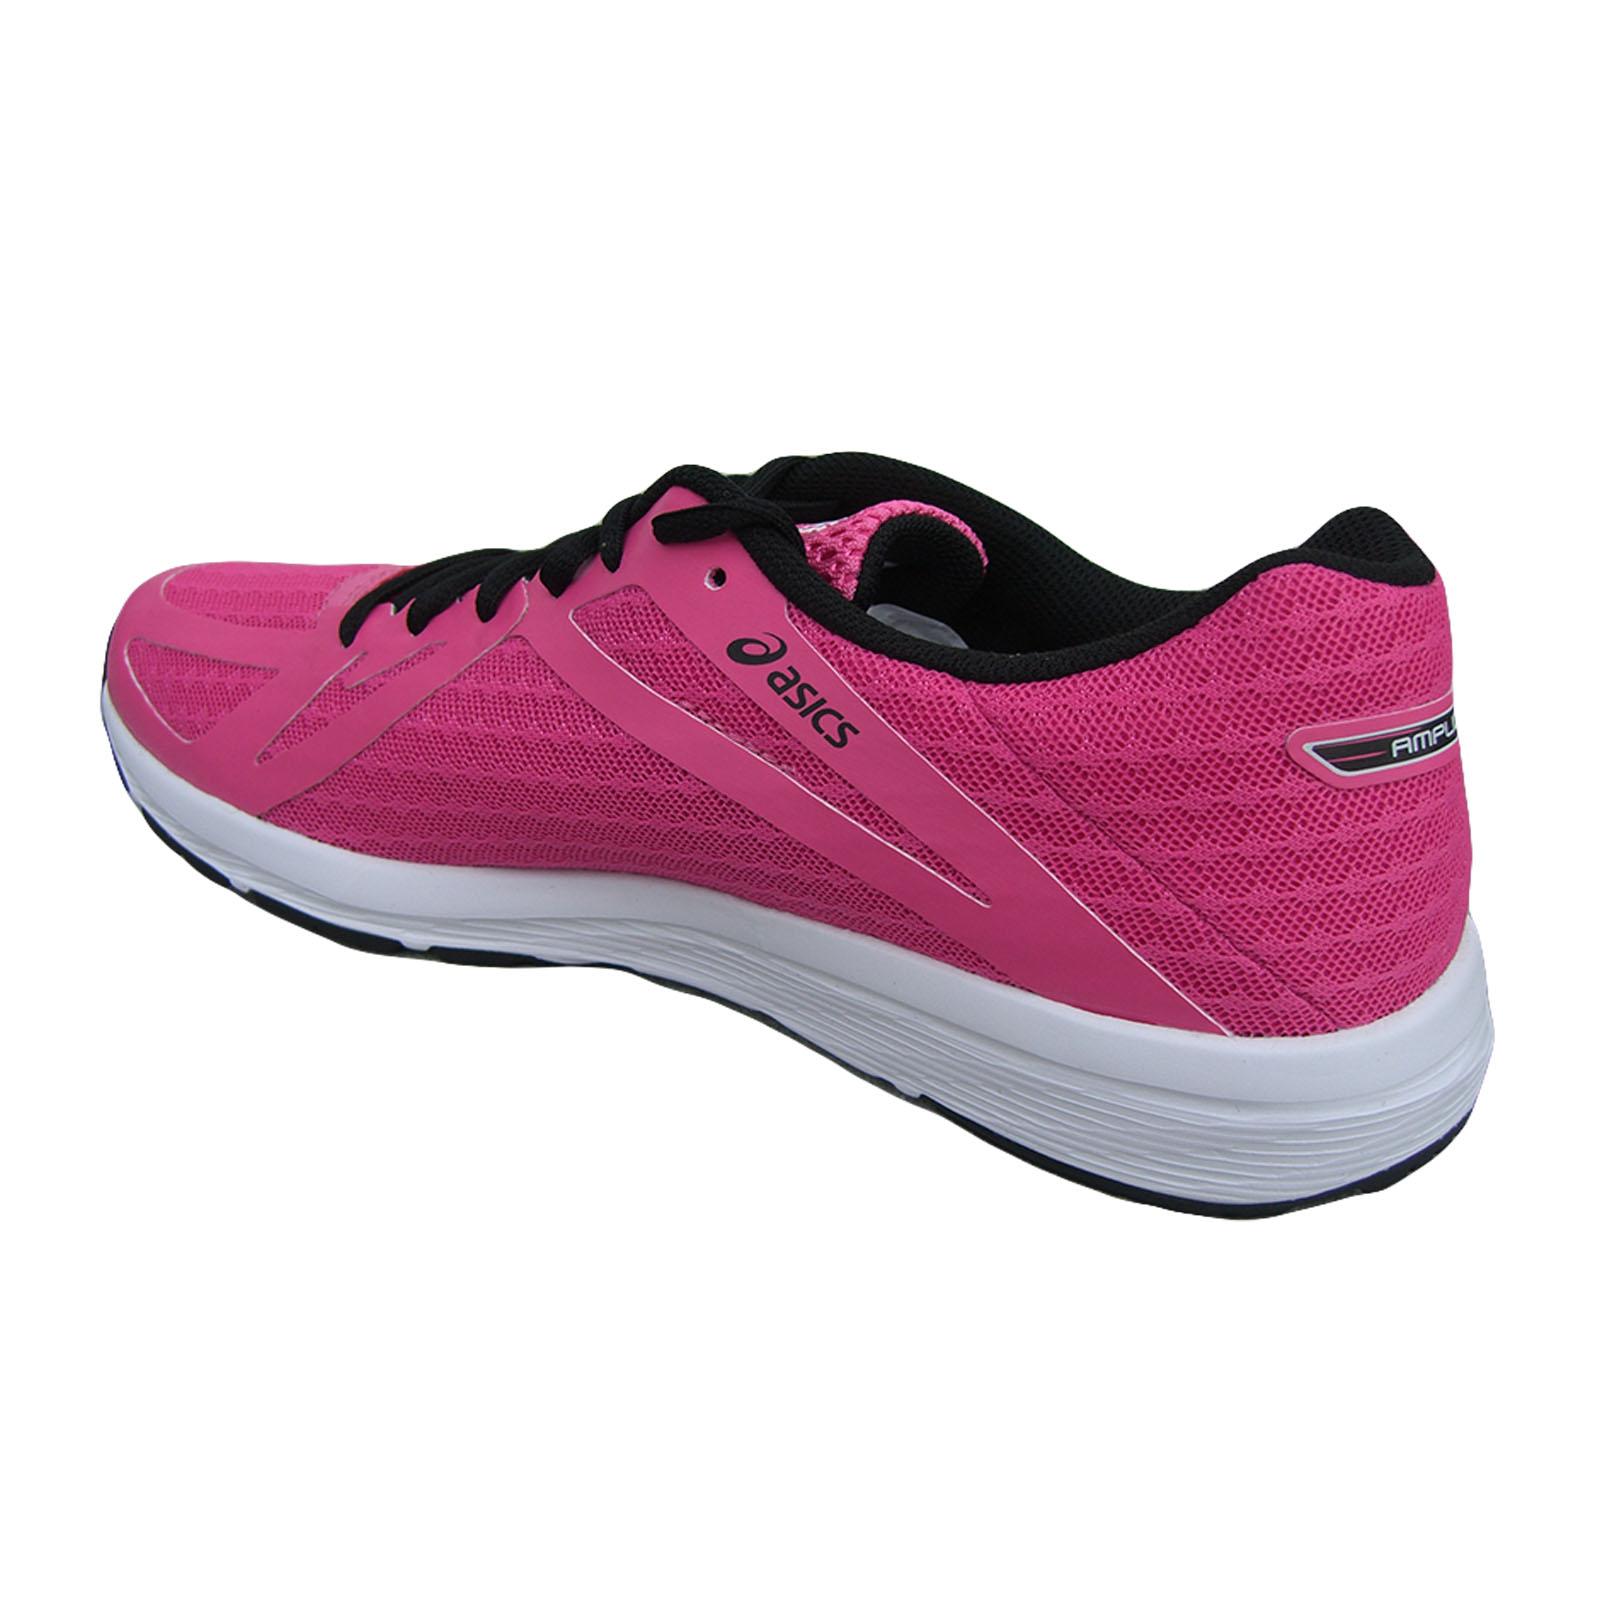 Details zu Asics Amplica Damen Sportschuhe Laufschuhe Fitness Schuhe Sneaker